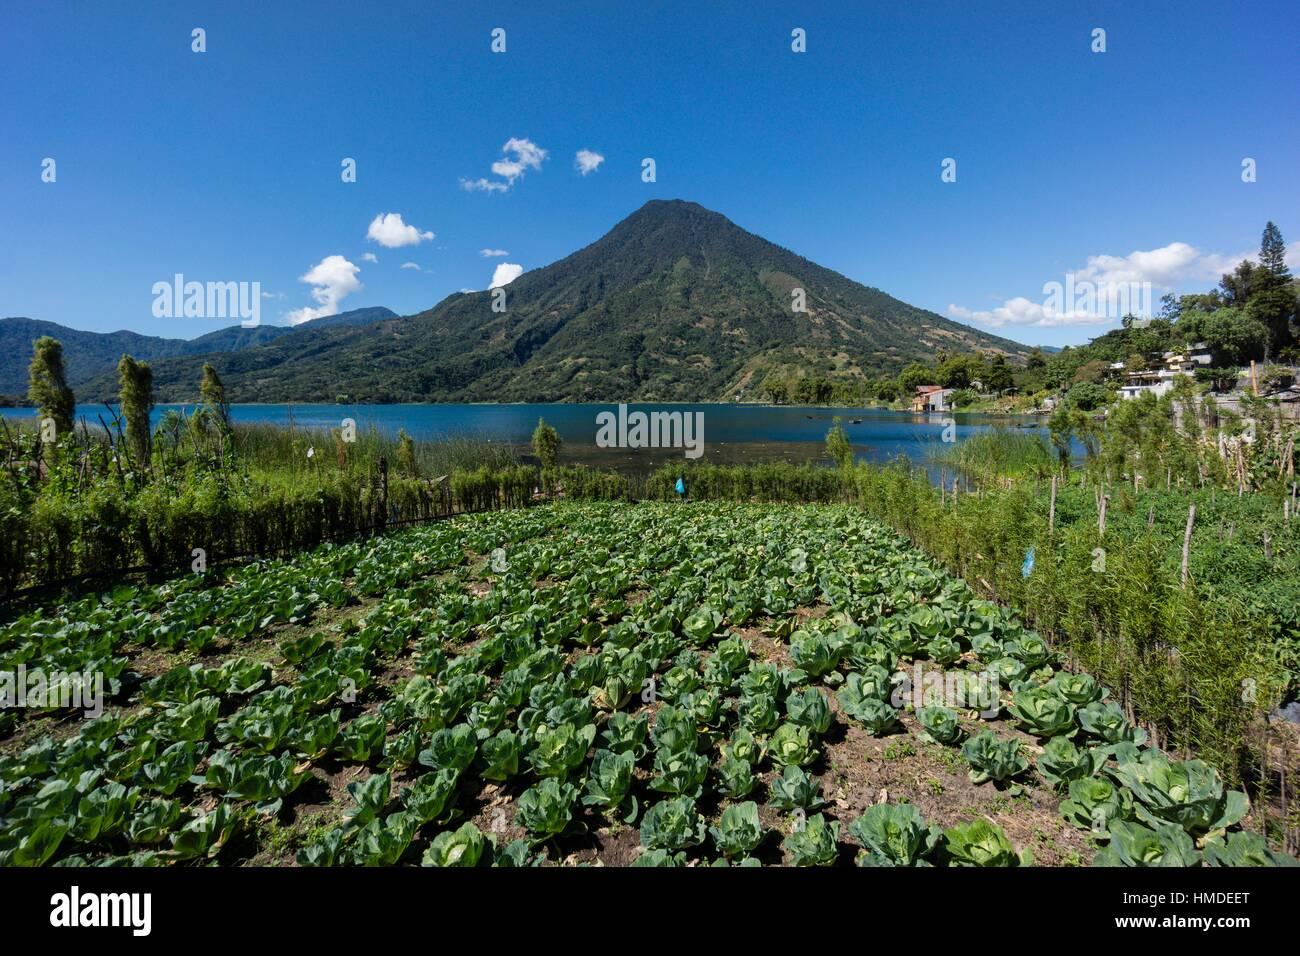 volcán San Pedro, suroeste de la caldera del lago de Atitlán , Santiago Atitlán. Tiene una altitud - Stock Image